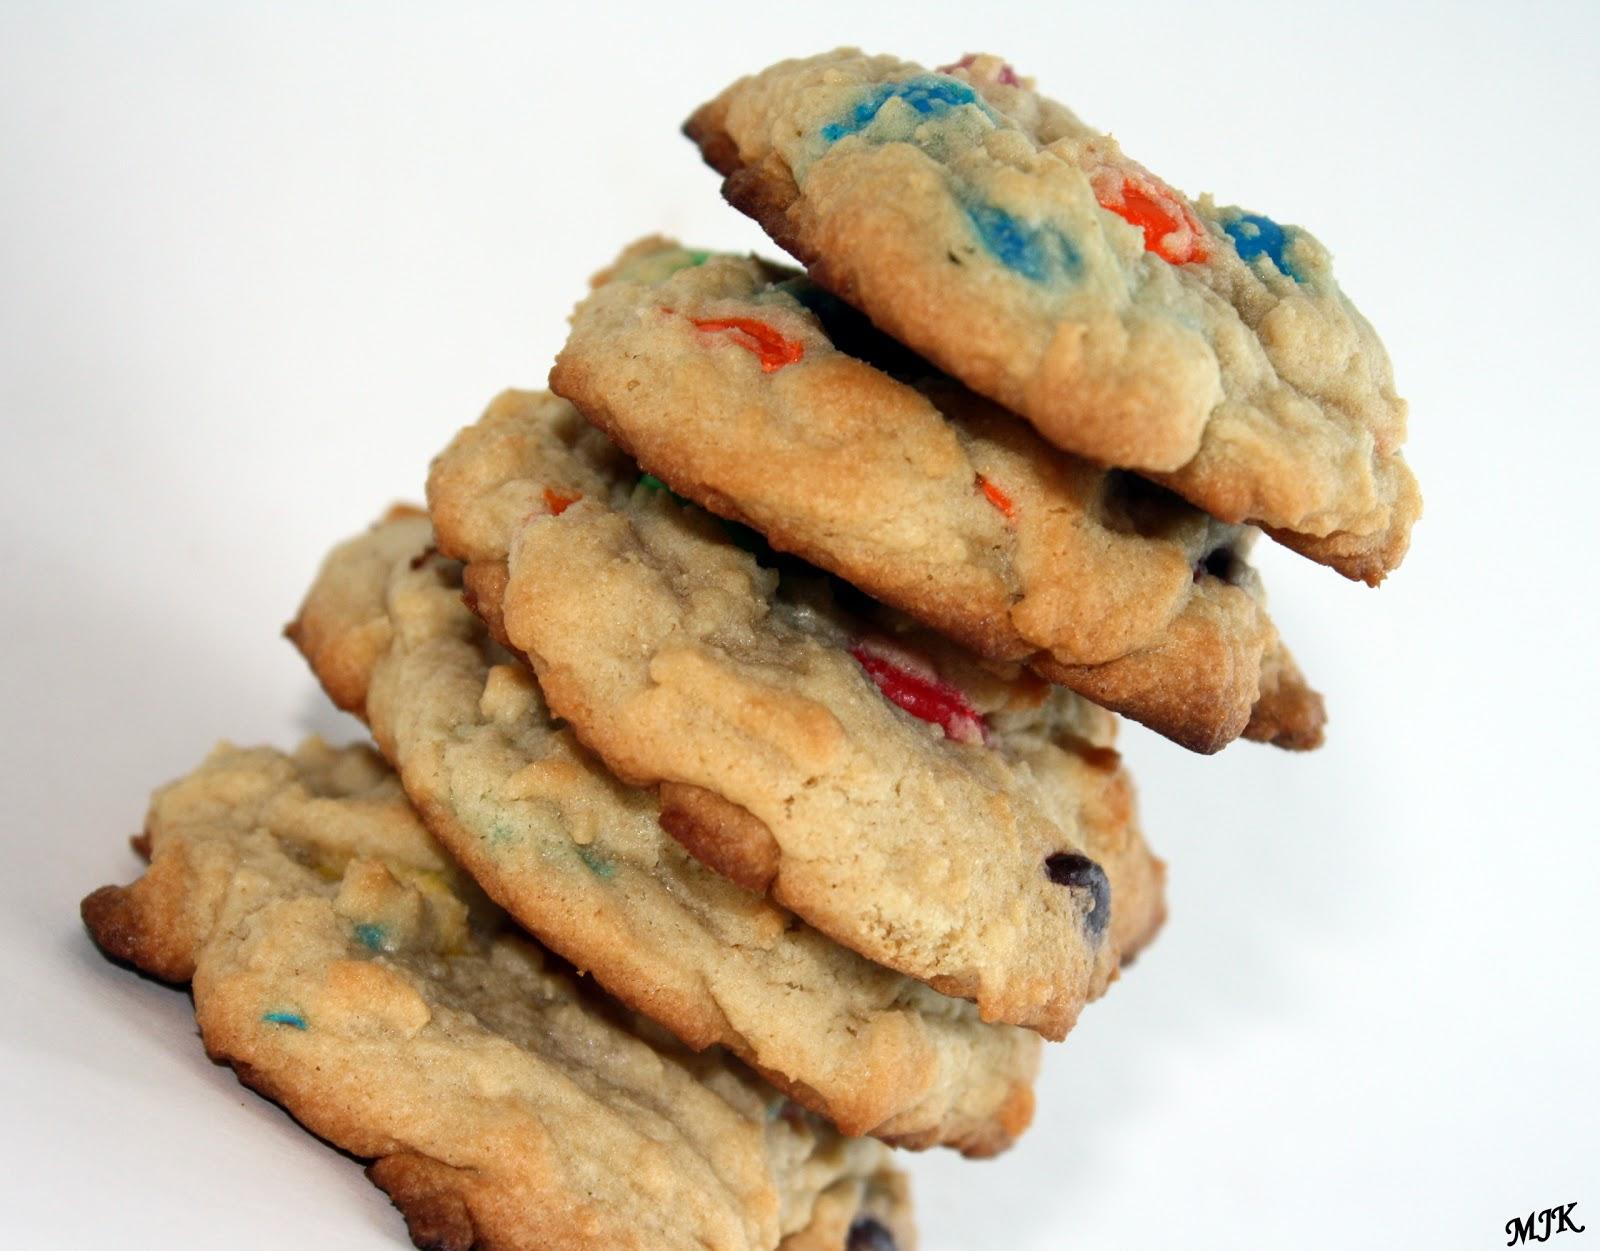 MandM Cookies